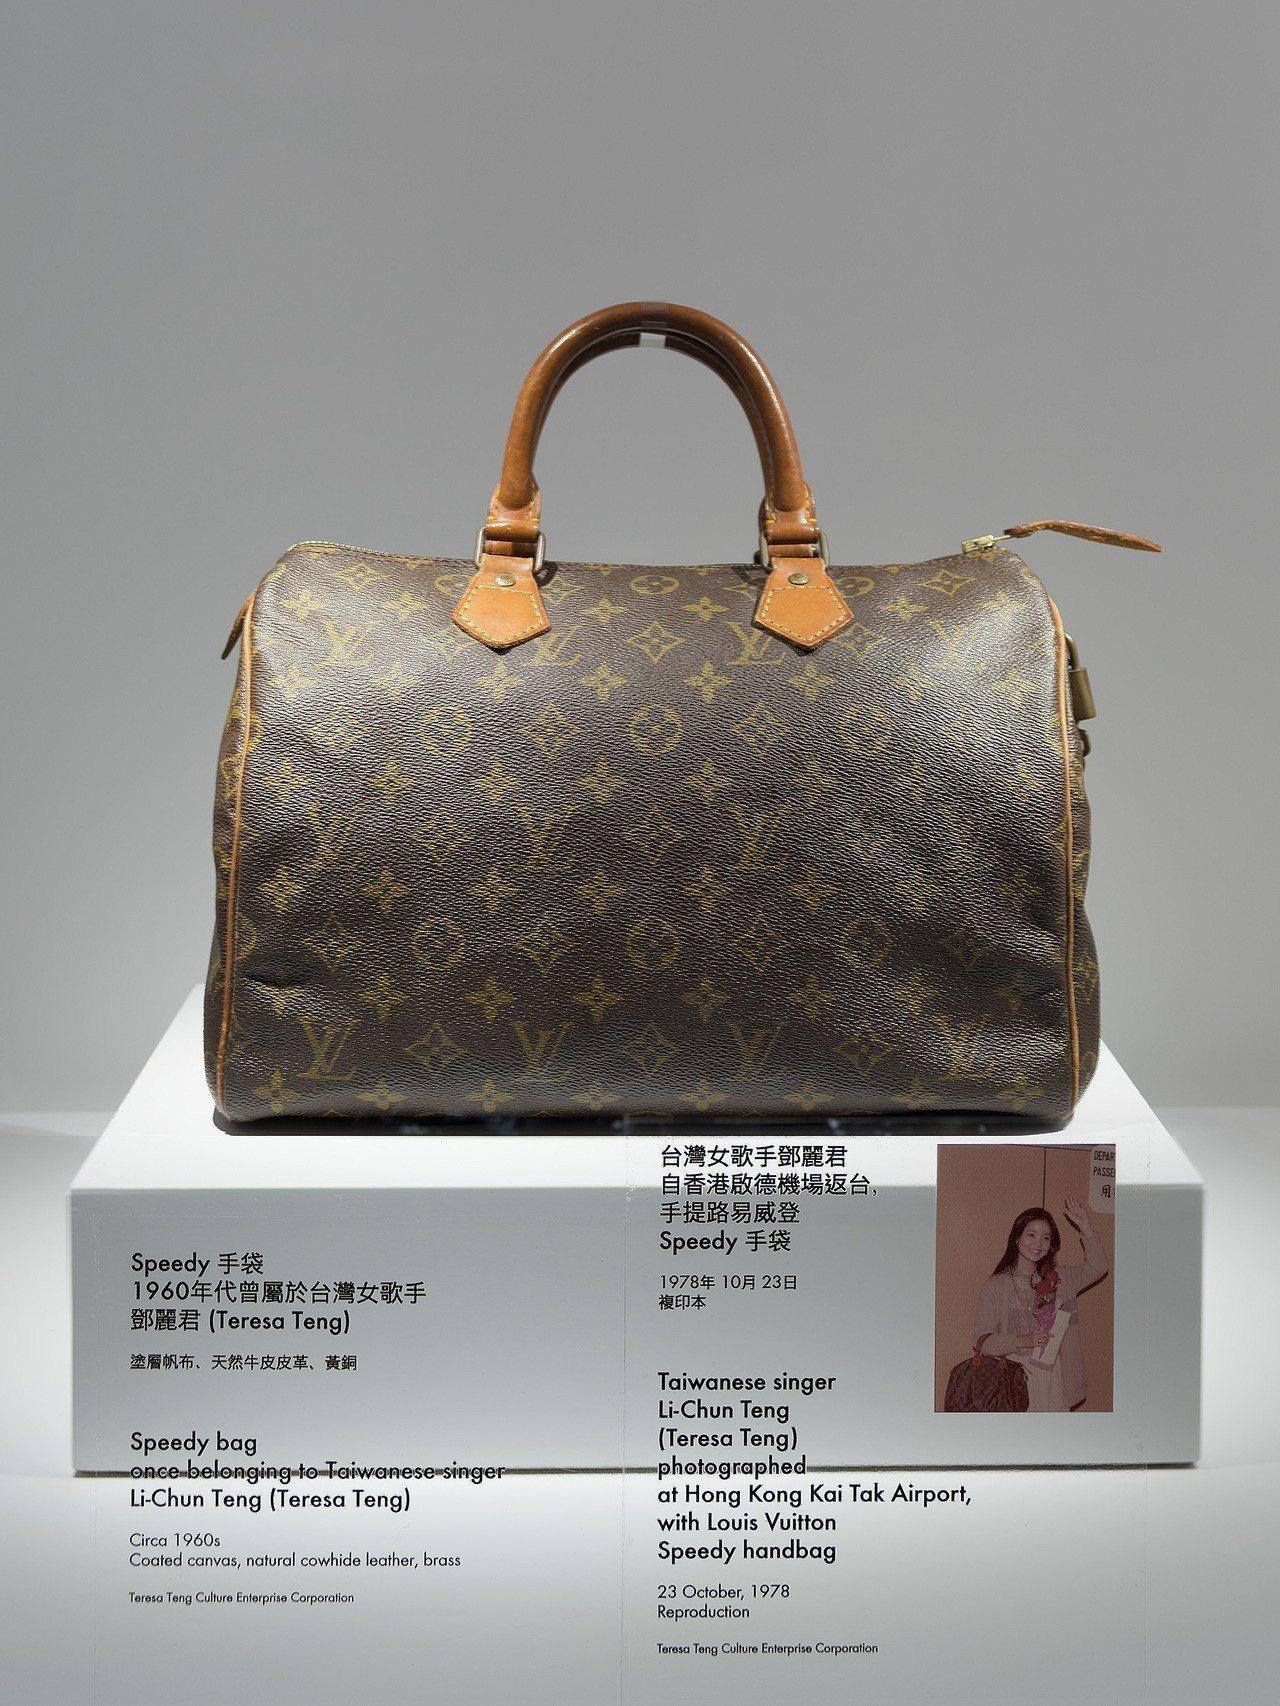 鄧麗君於世界各地巡演鍾愛的Speedy手袋,於路易威登「時空.錦.囊」展覽展出。...